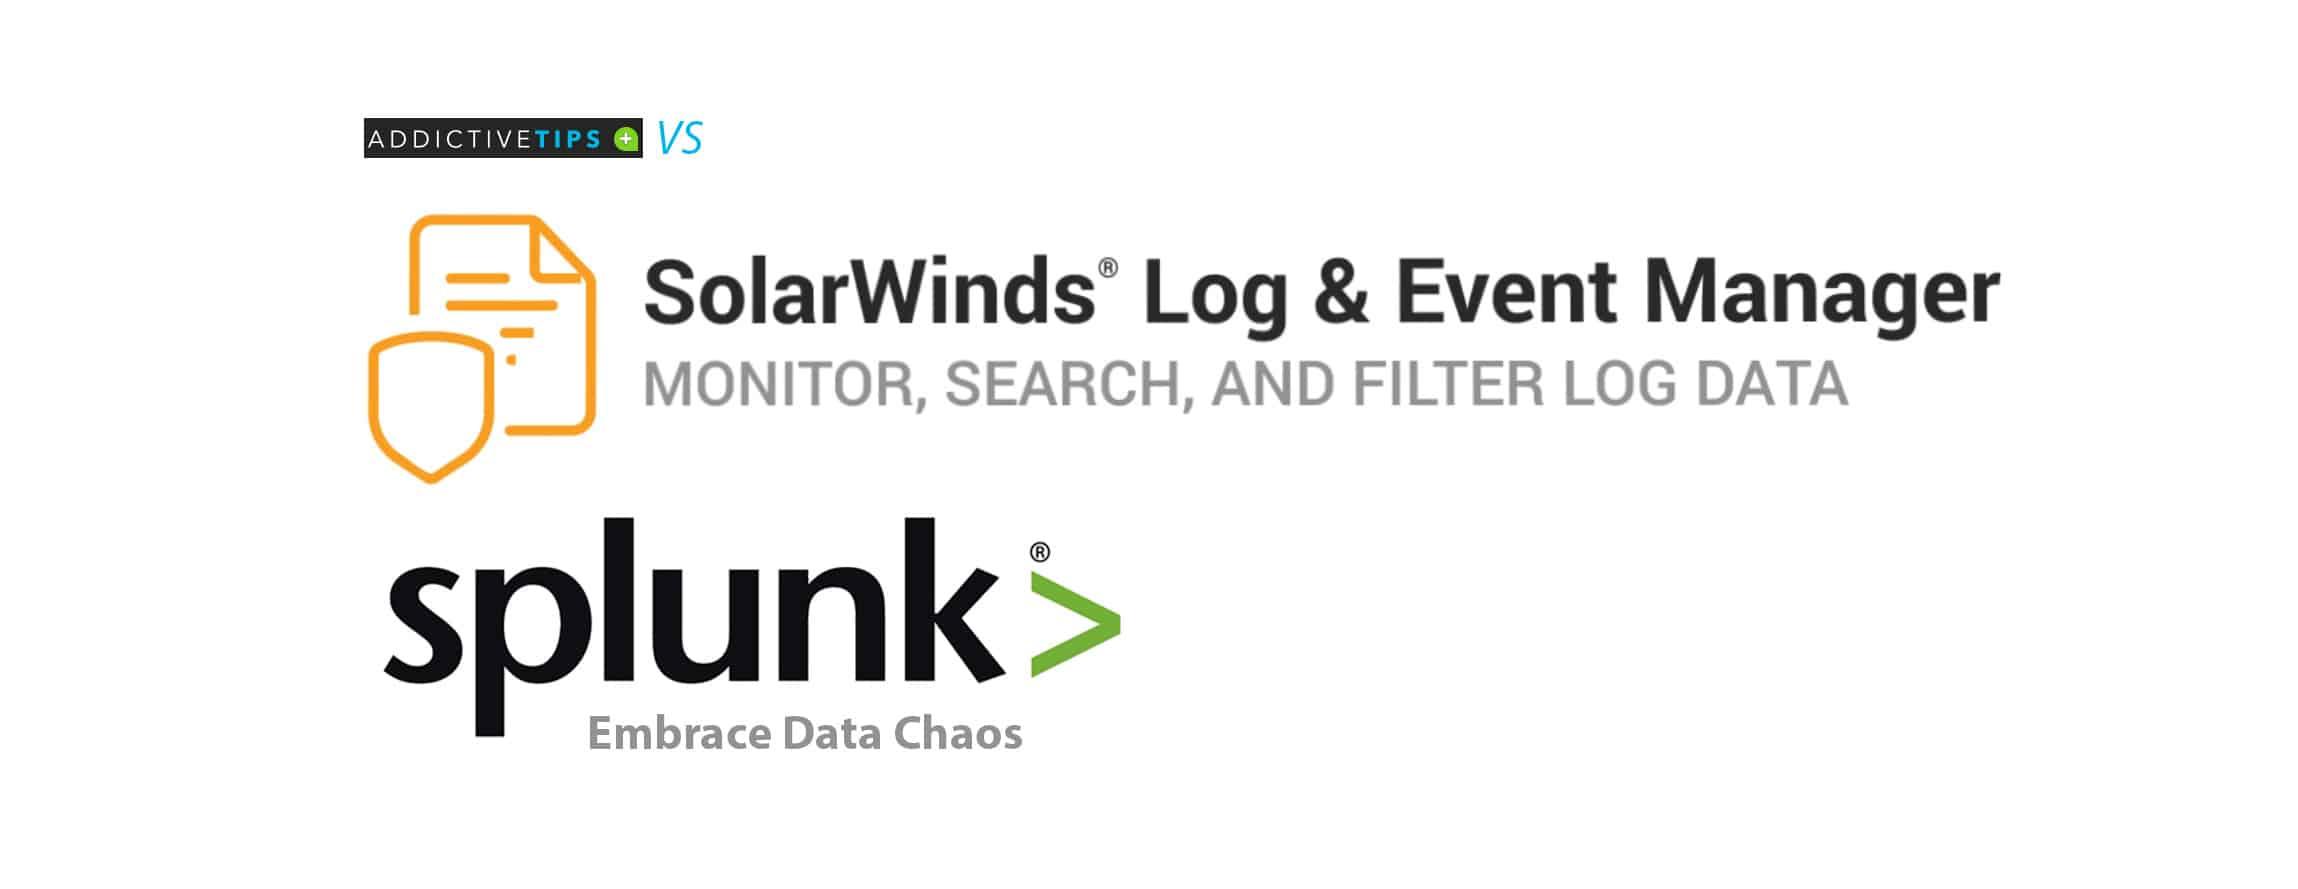 SolarWinds Log & Event Manager vs Splunk